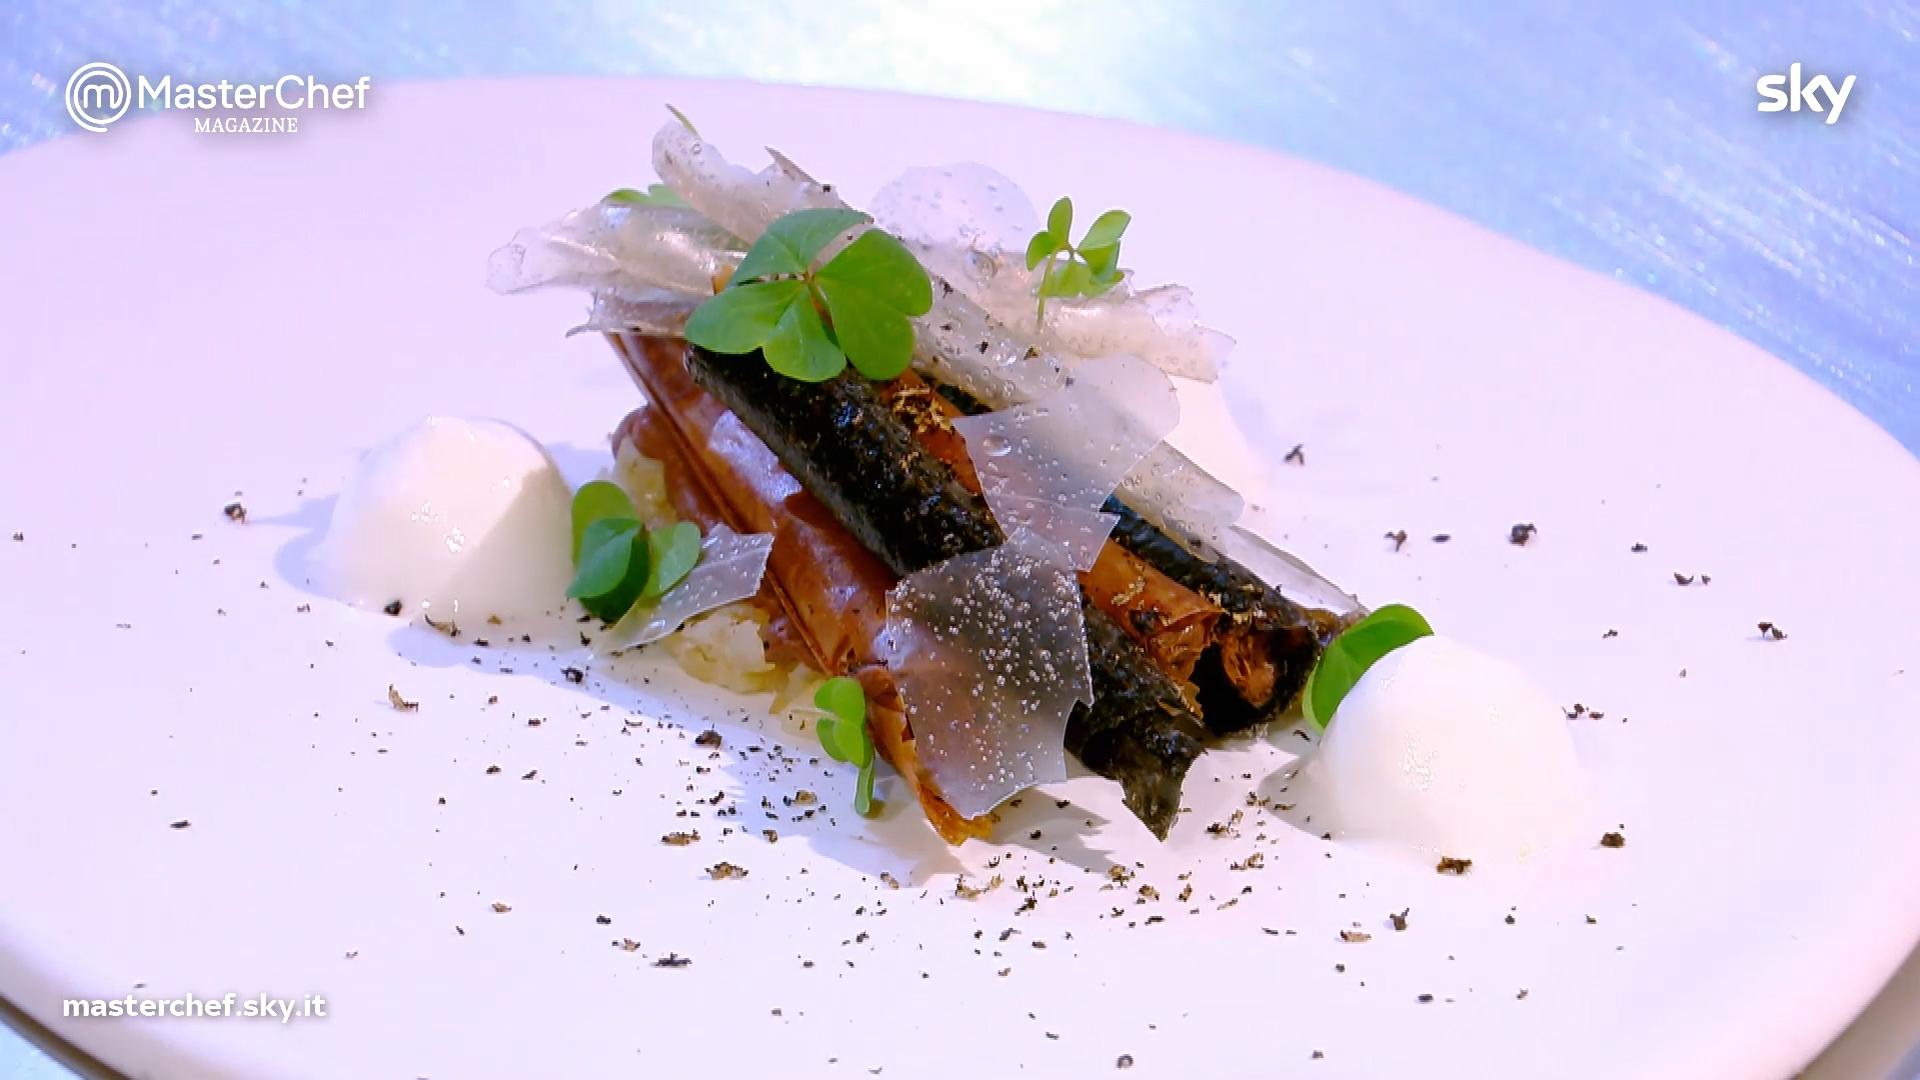 Dentelle croccante, composta di heliantis, pomponette e tartufo nero di Chef Mammoliti